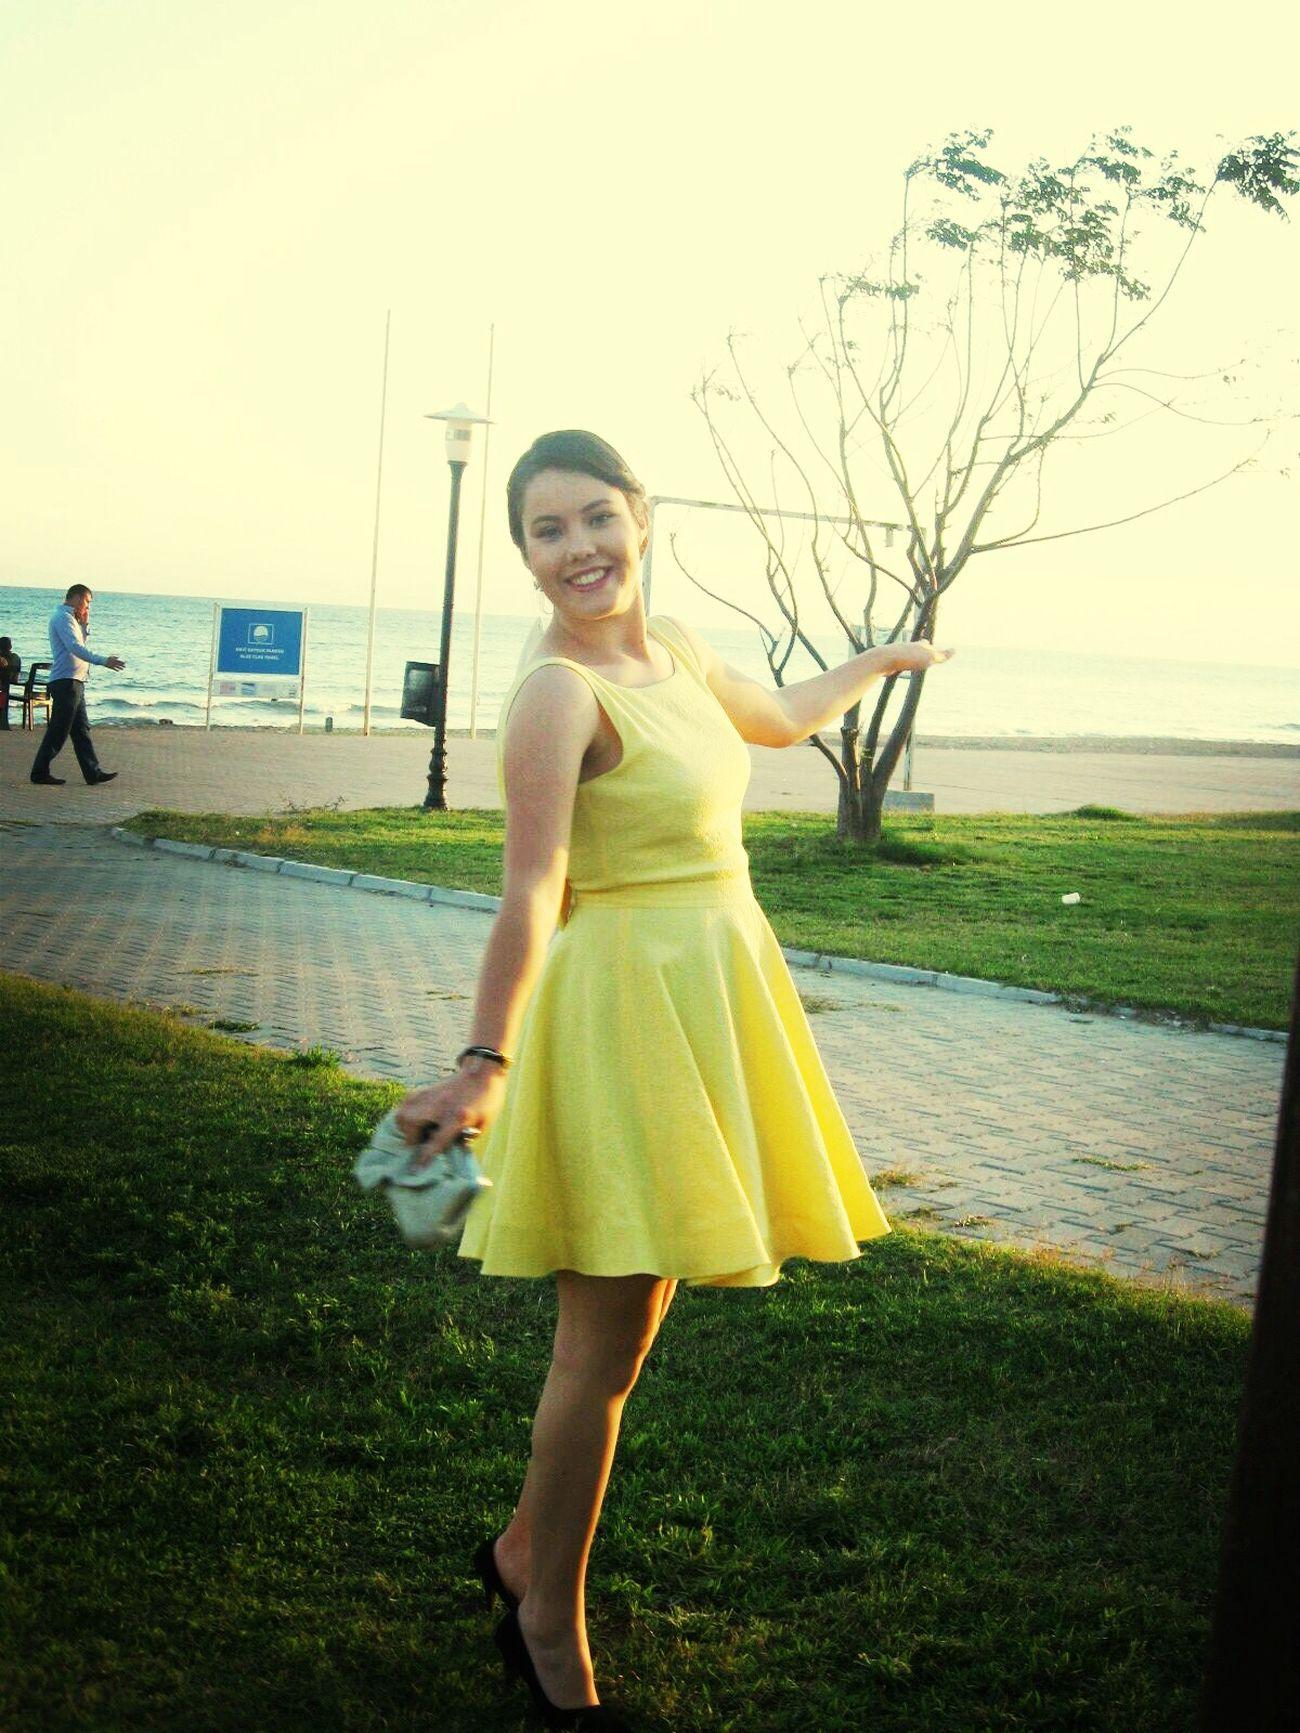 Sarı Yellow Gençlik Heyecanı Antalya-belek eglenceli bir yaz günüydü ;)